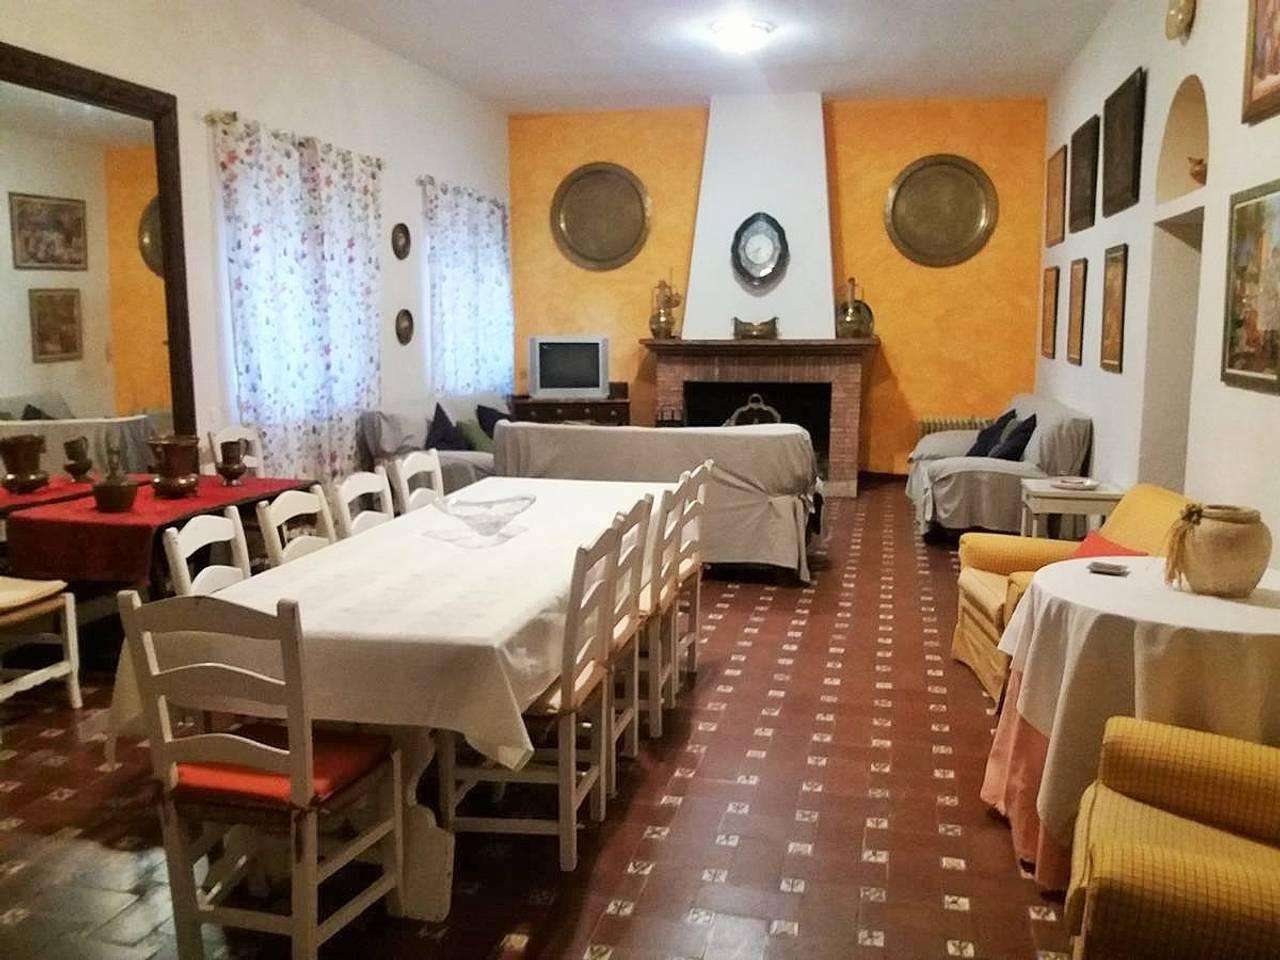 Alquiler vacaciones en Mairena del Alcor (Sevilla),